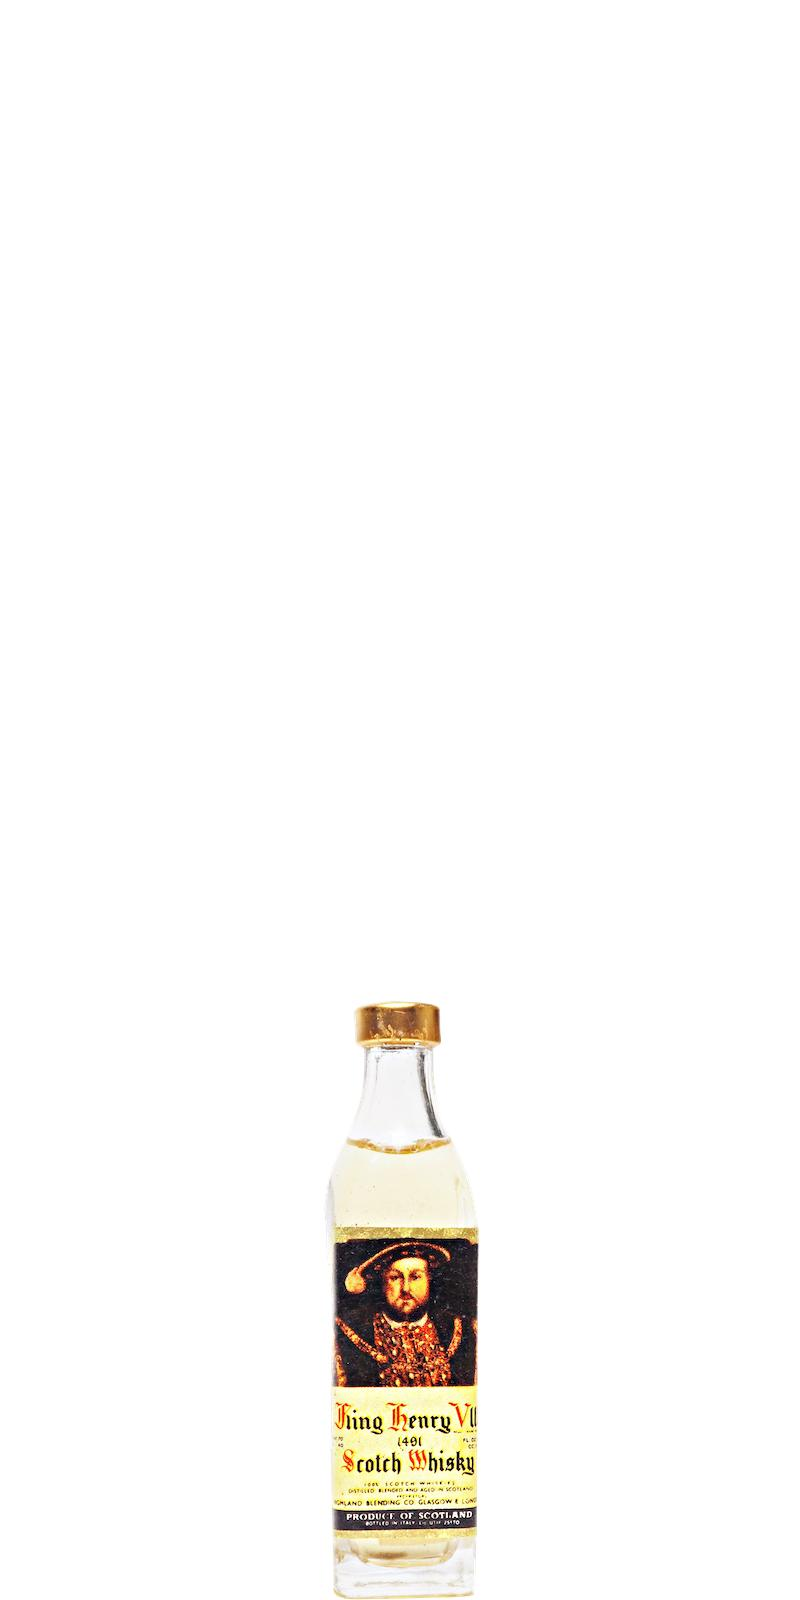 King Henry VIII Scotch Whisky